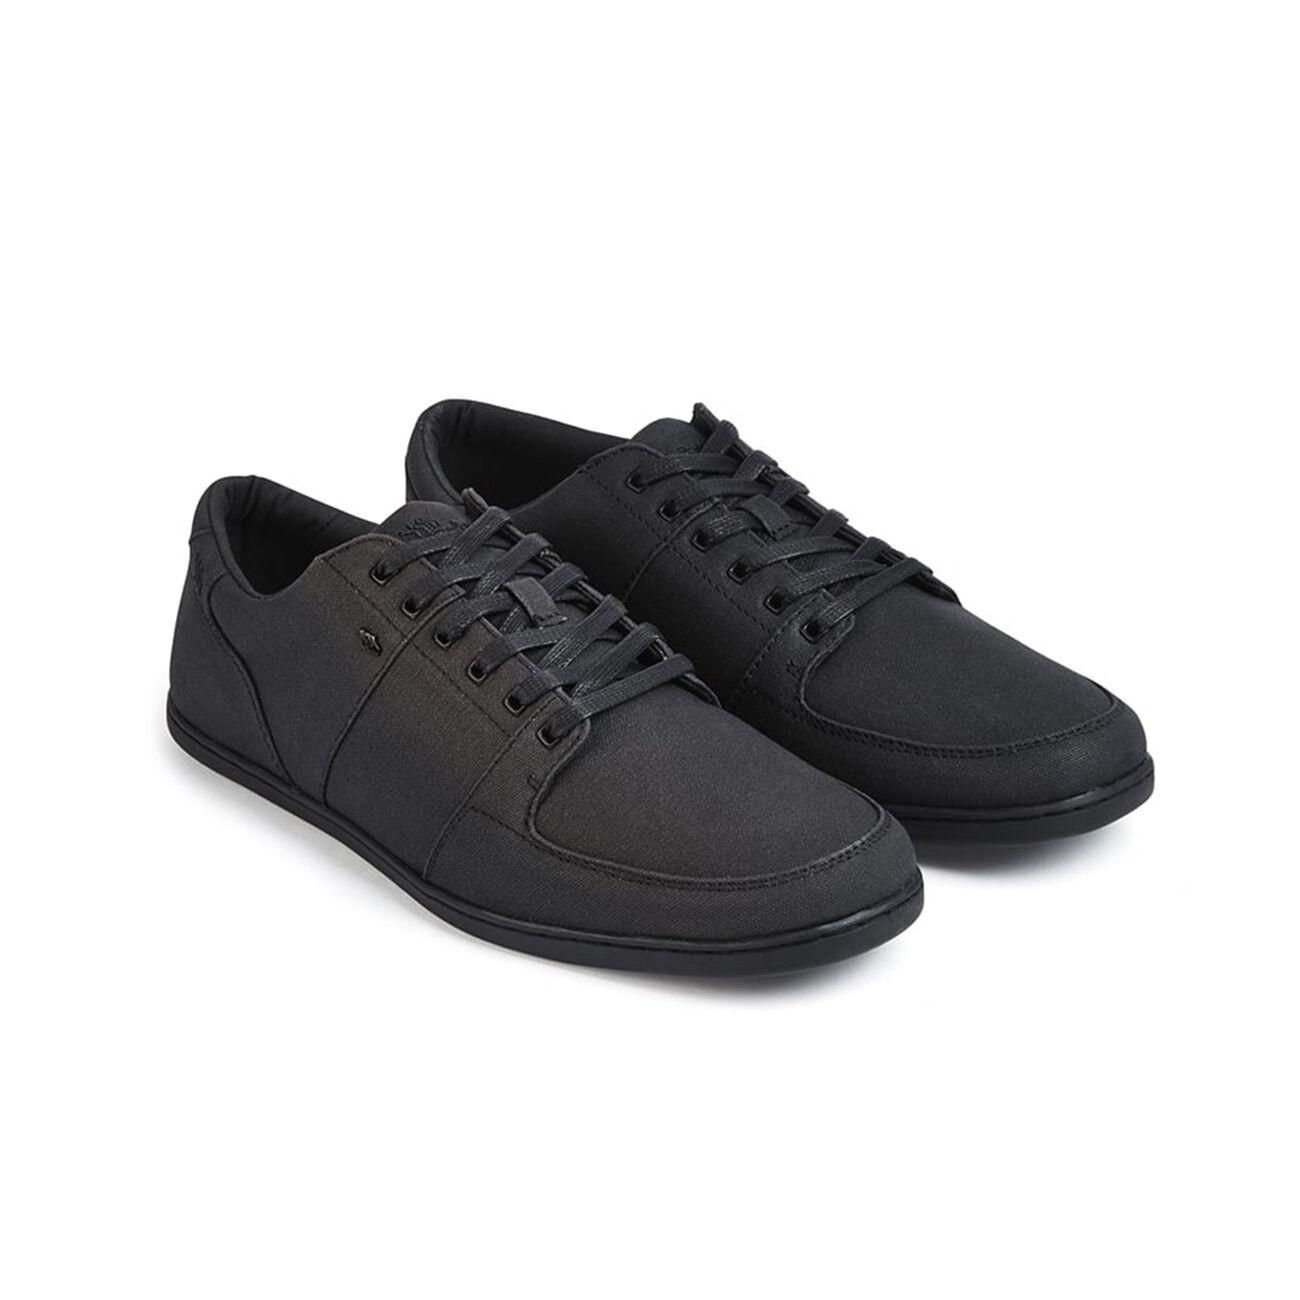 Boxfresh Herren Sneaker SPENCER ICN BLK/BLK WXD CNVS - BLK/BLK ICN 3d0bdf